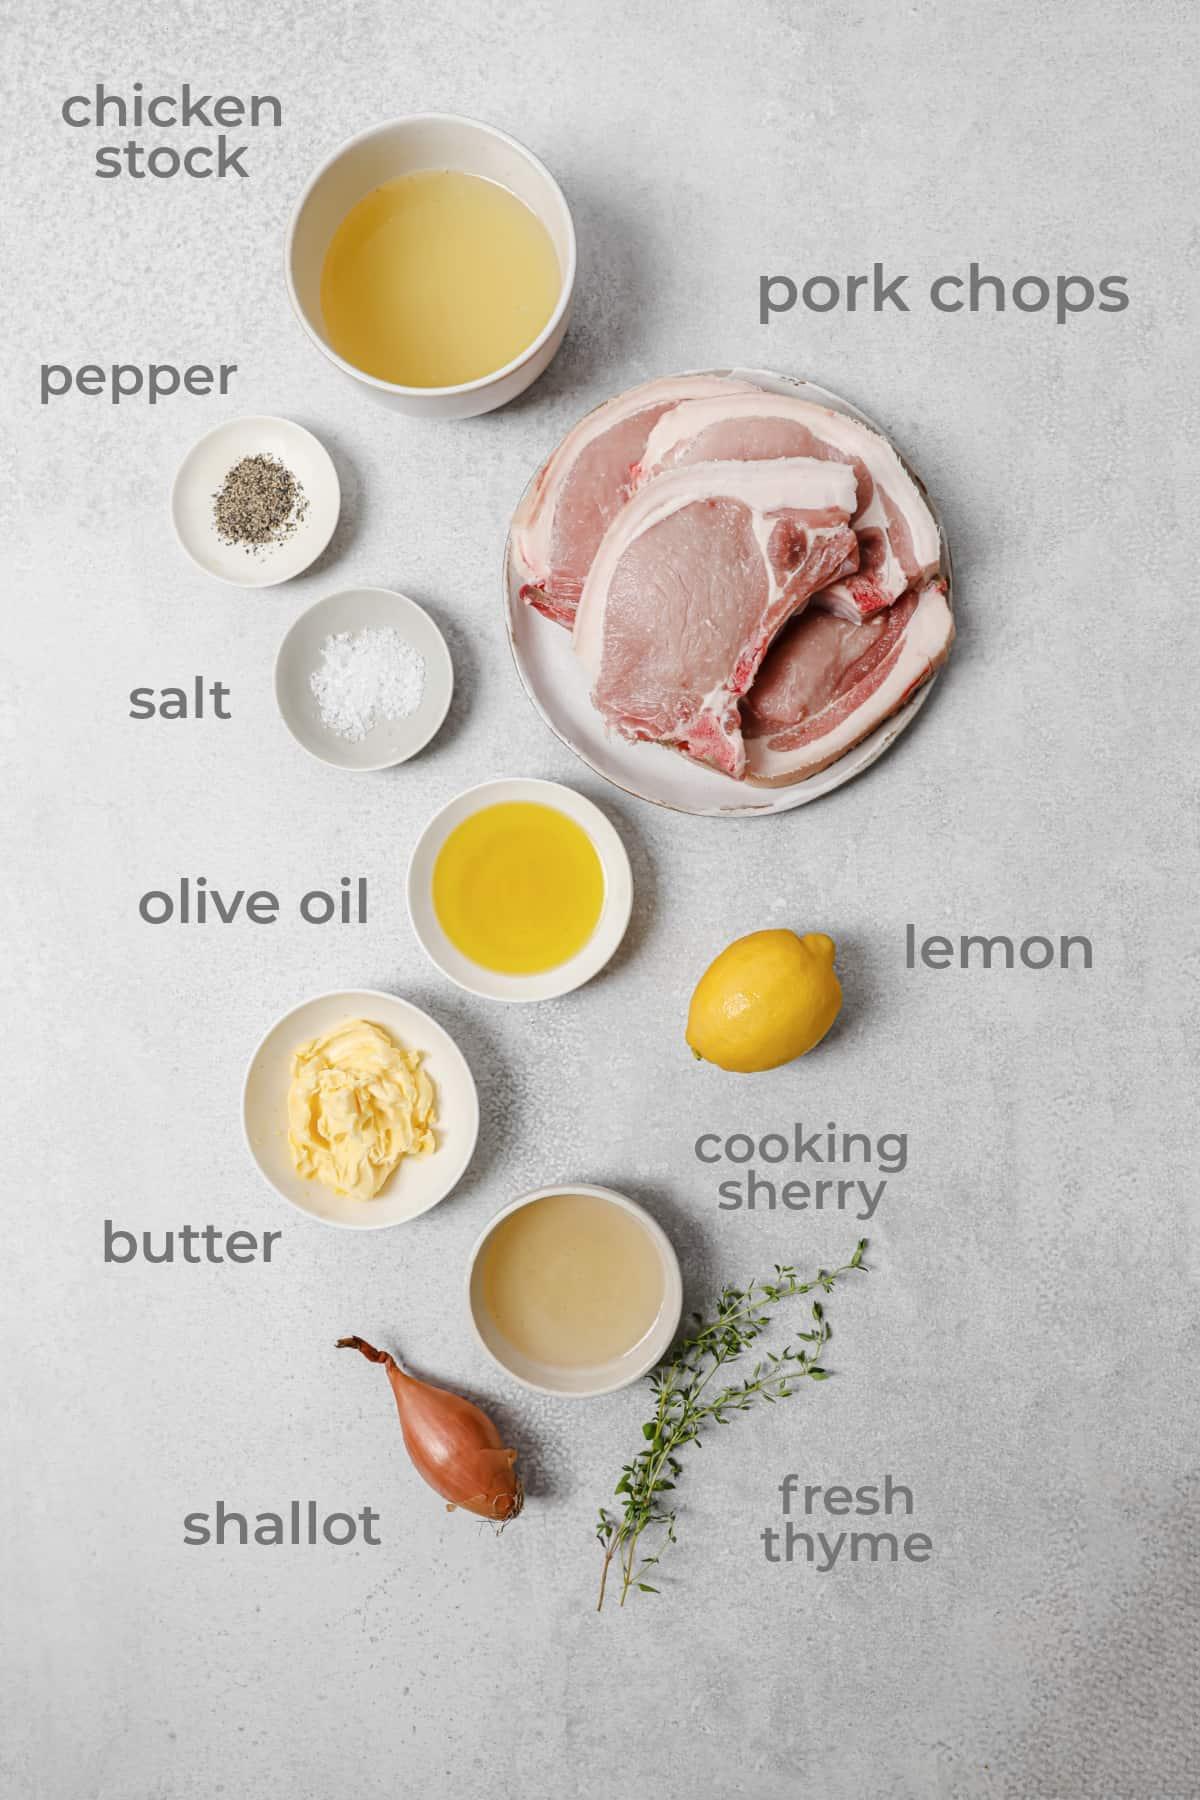 ingredients to make lemon thyme pork chops - pork, lemon, thyme, butter, chicken stock, shallot